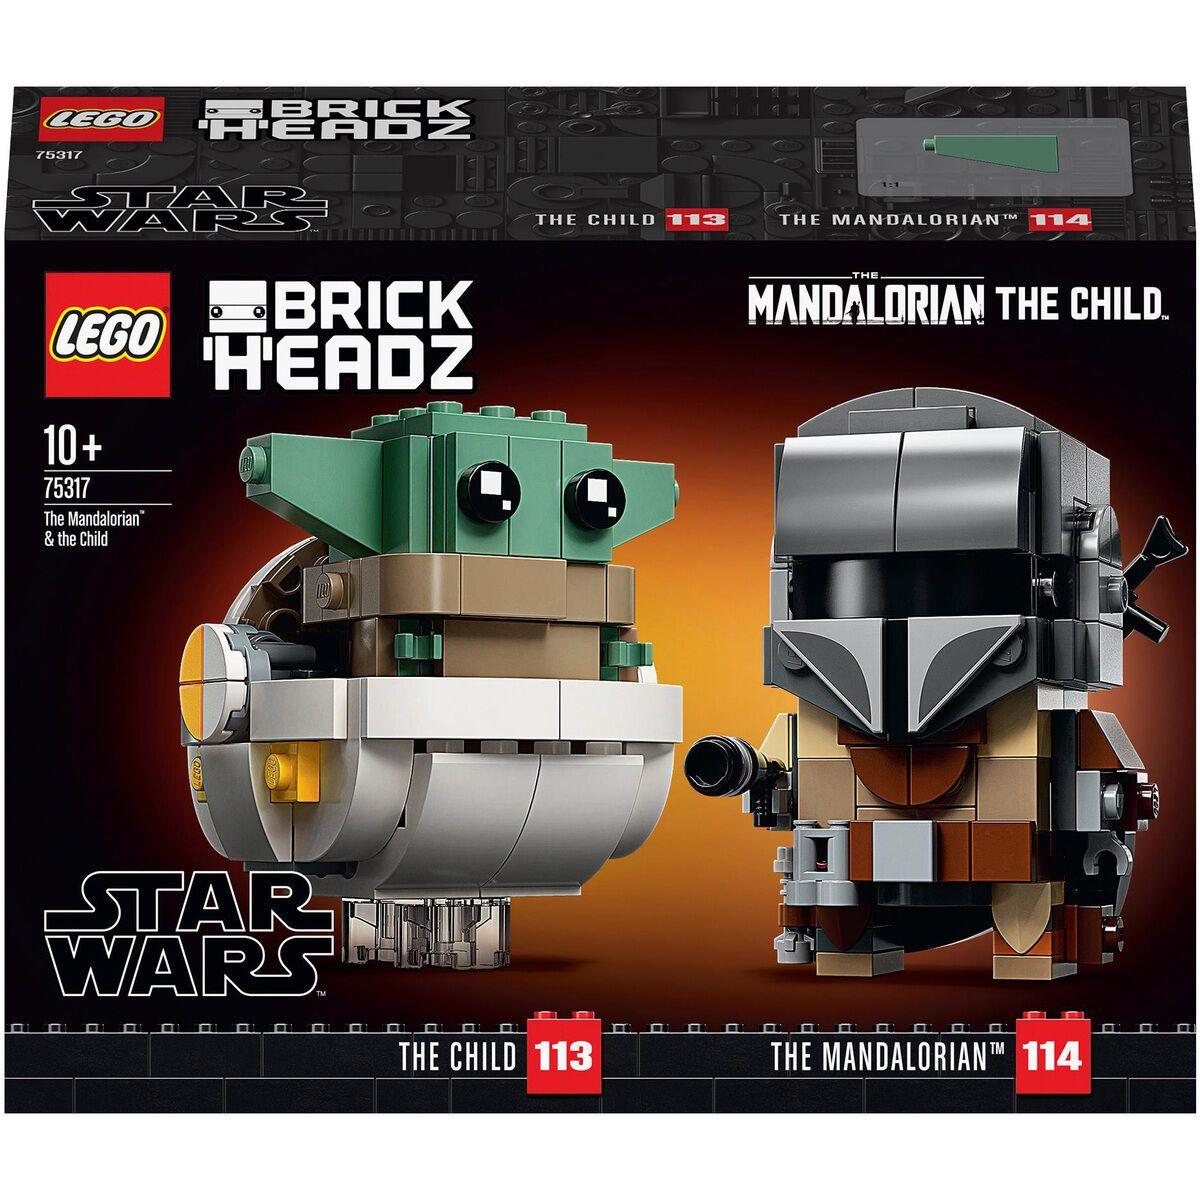 [Filialreservierung & Abholung] LEGO 75317 Brickheadz Der Mandalorianer und das Kind